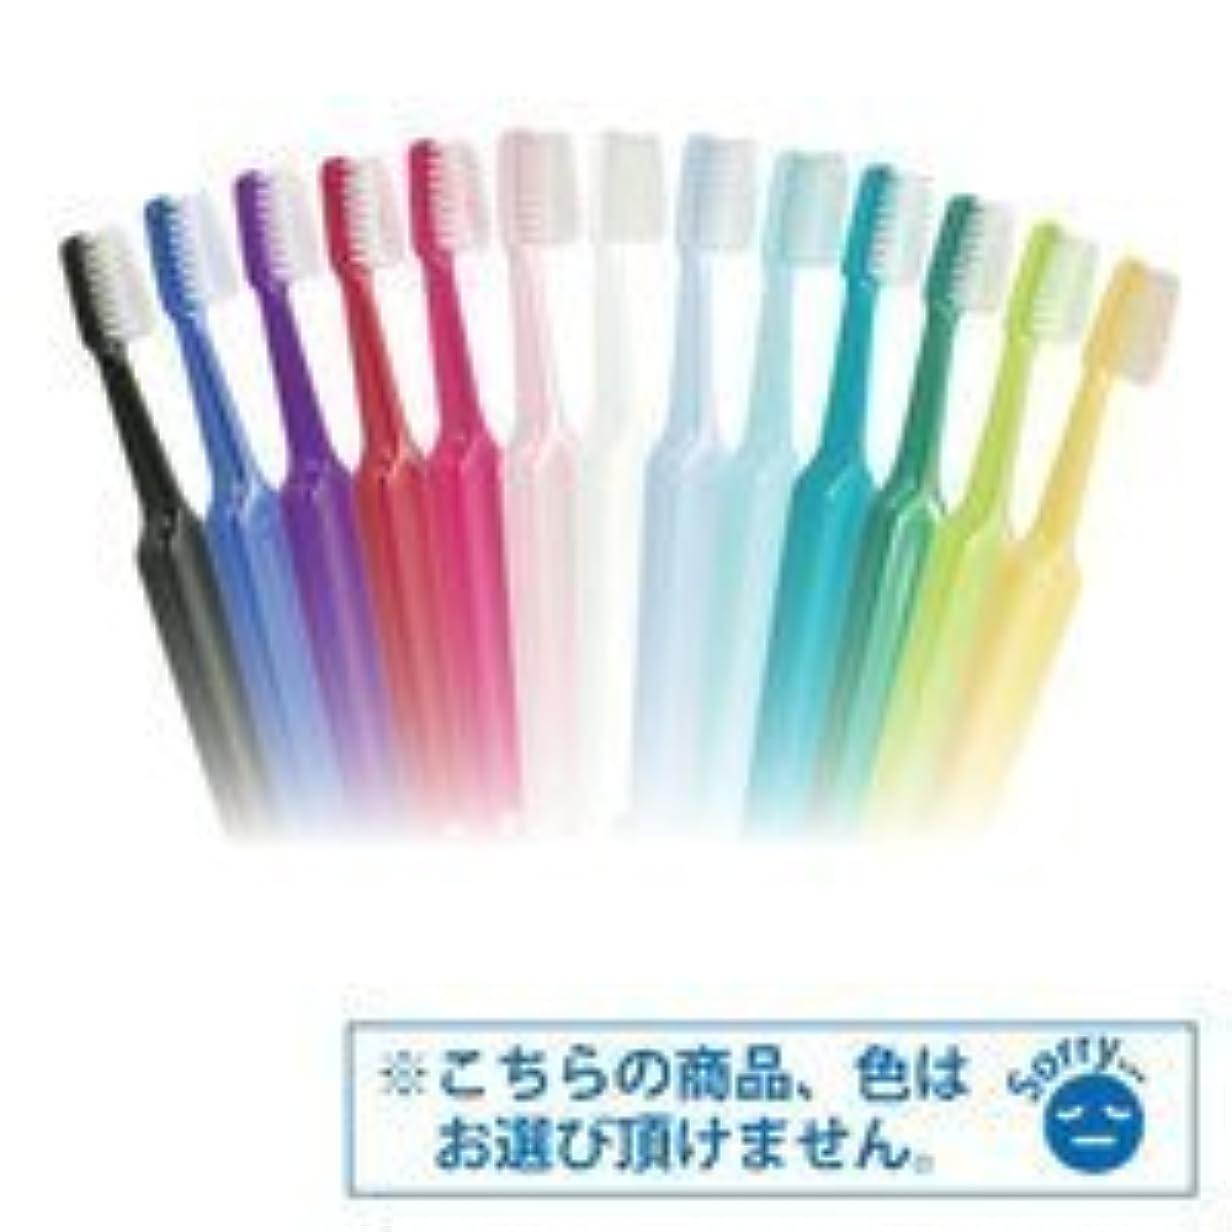 ベース所有権コンテンツTepe歯ブラシ セレクトコンパクト/ミディアム 25本/箱